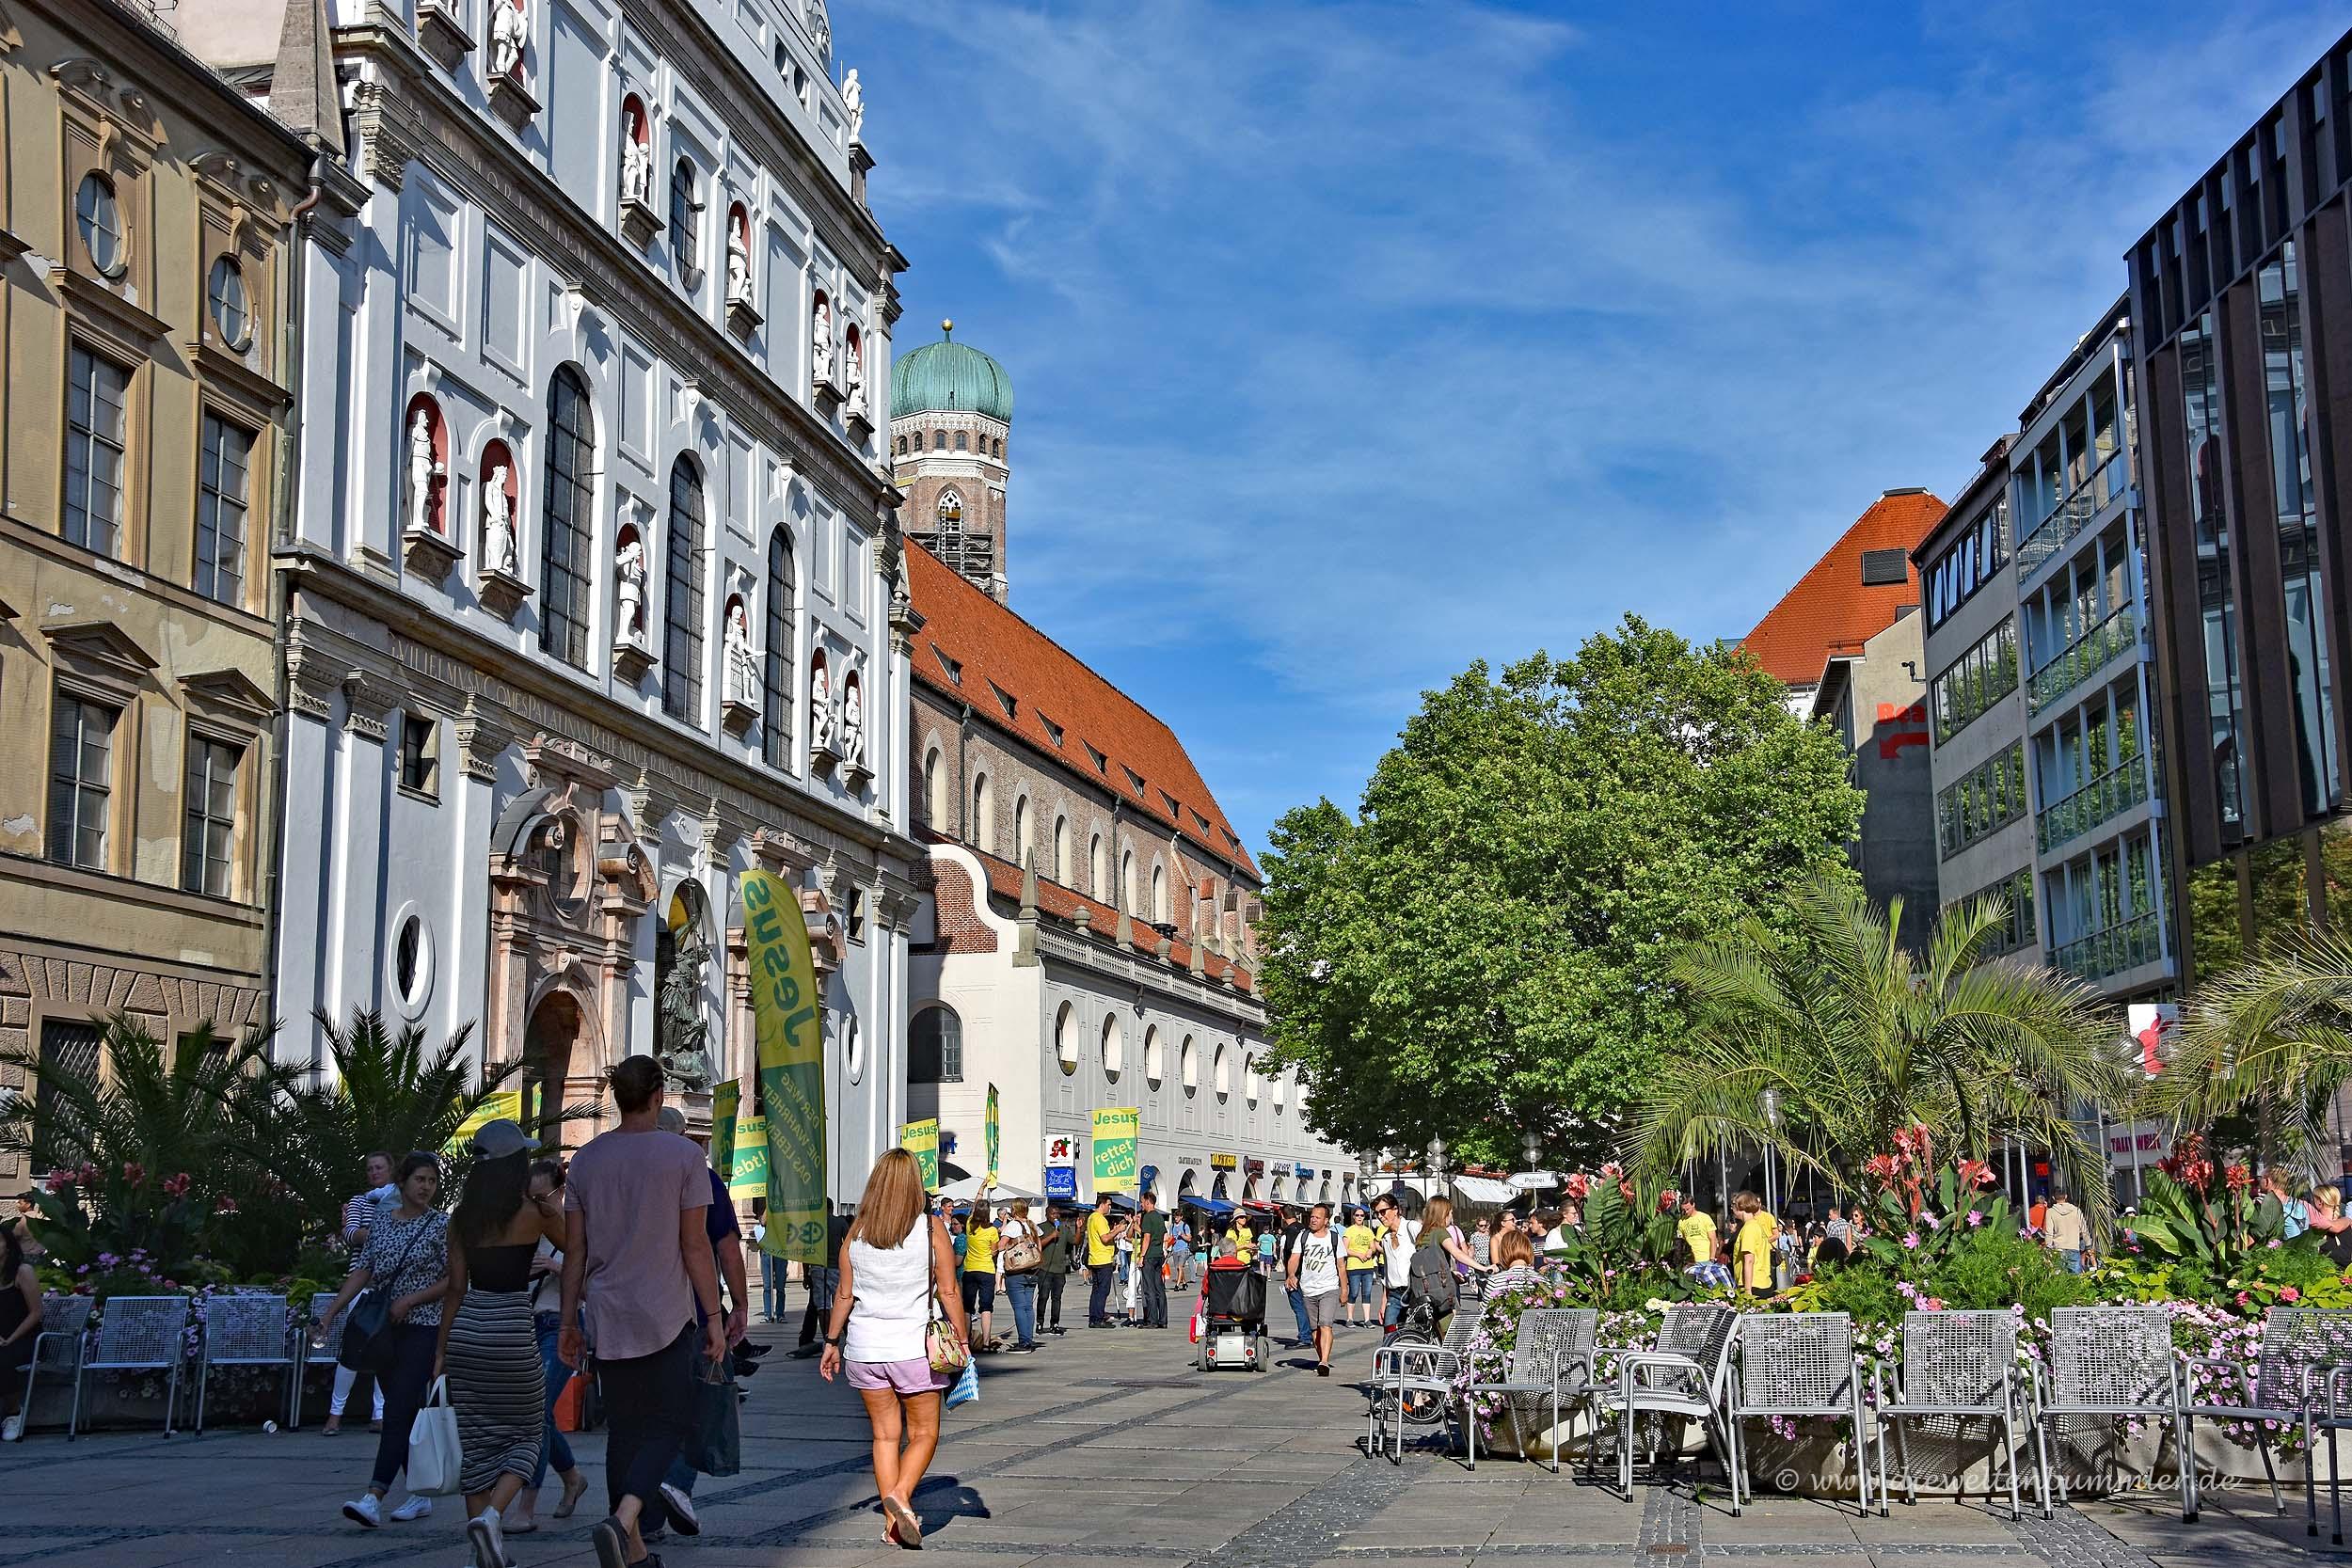 Fußgängerzone in München